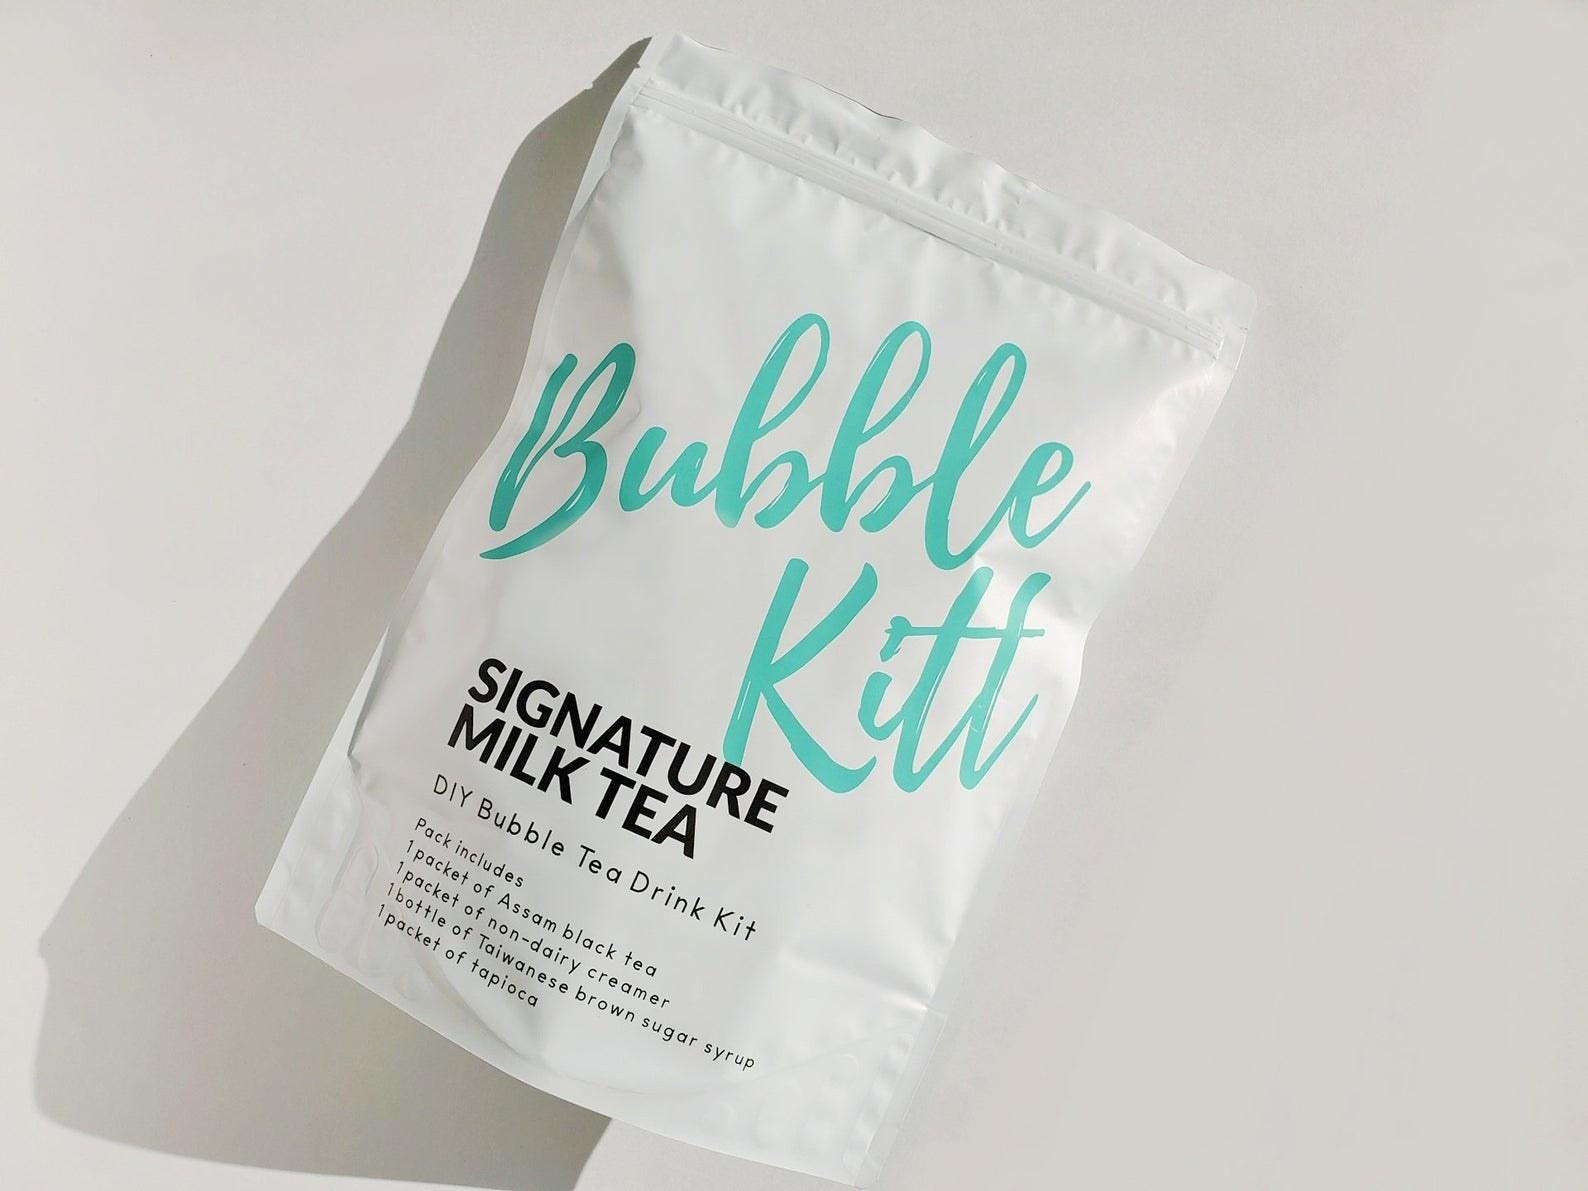 the packaging of Bubble Kitt